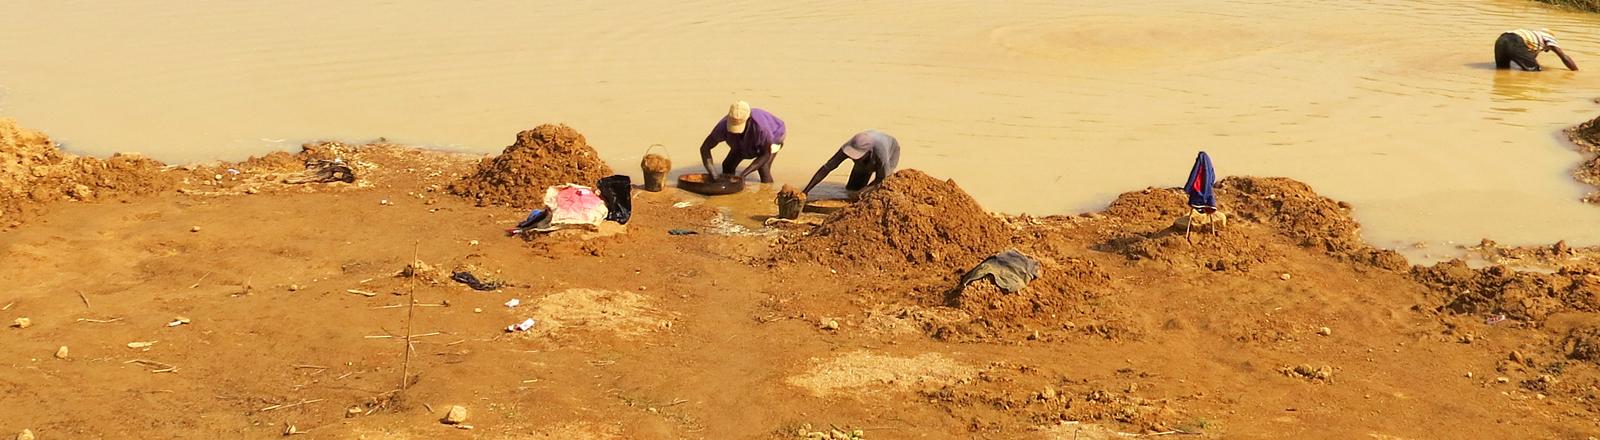 Männer an einem Fluss in Sierra Leone schürfen Diamanten.